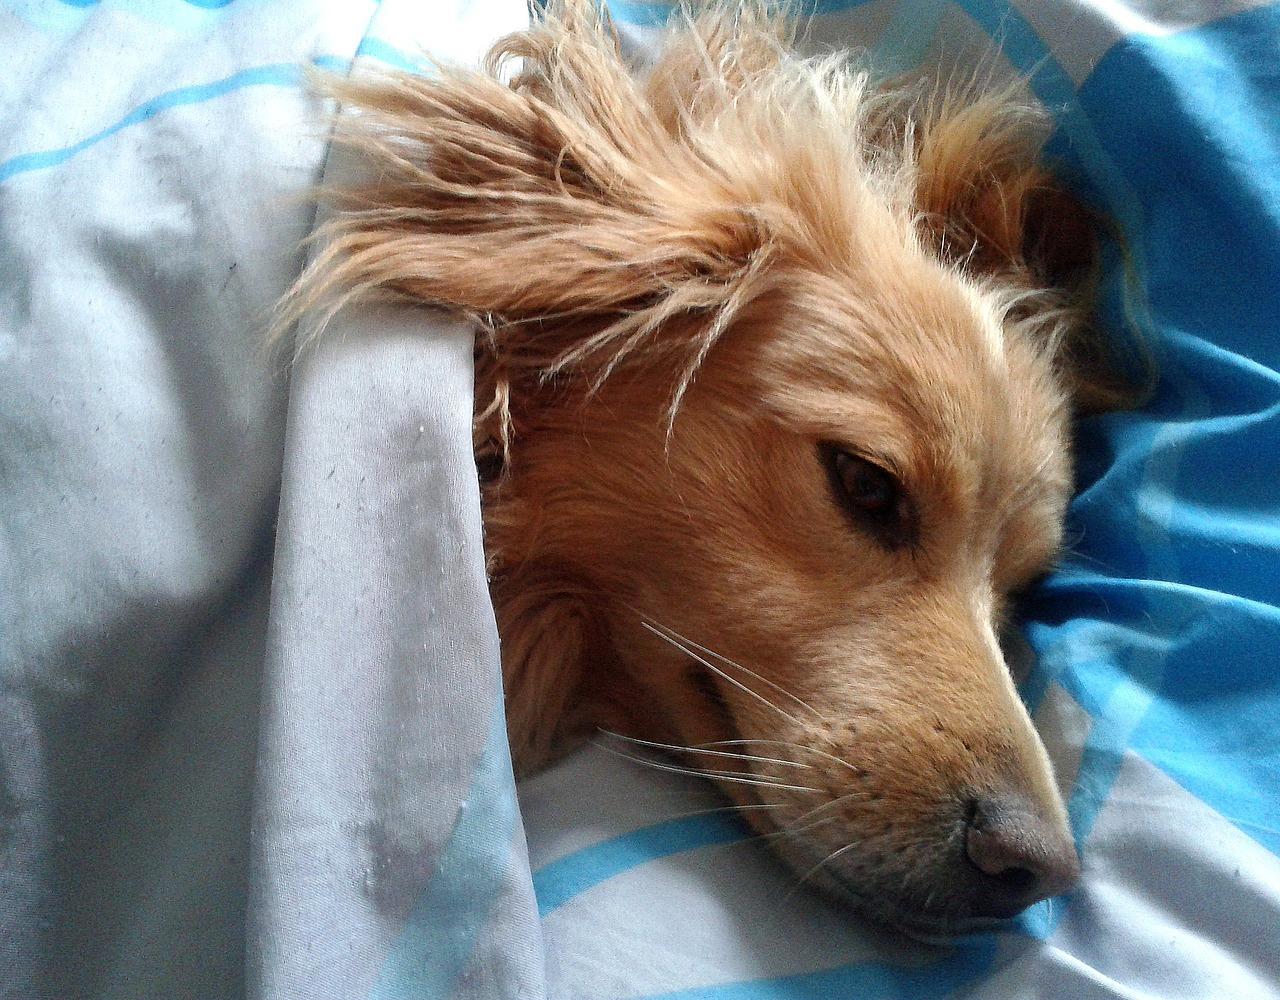 愛犬のその動き老衰の始まりかも!?老衰に見られる症状とは